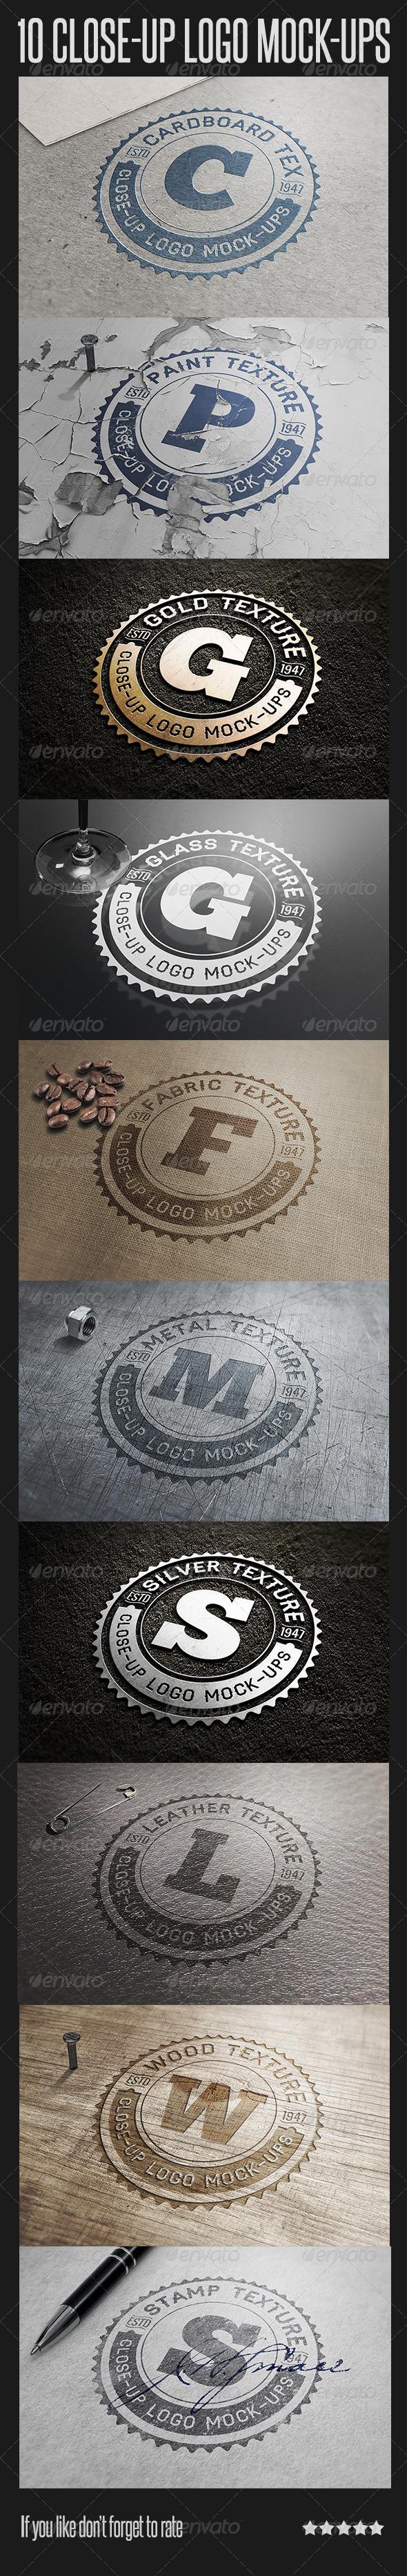 10 Close-Up Logo Mock-Ups - Logo Product Mock-Ups